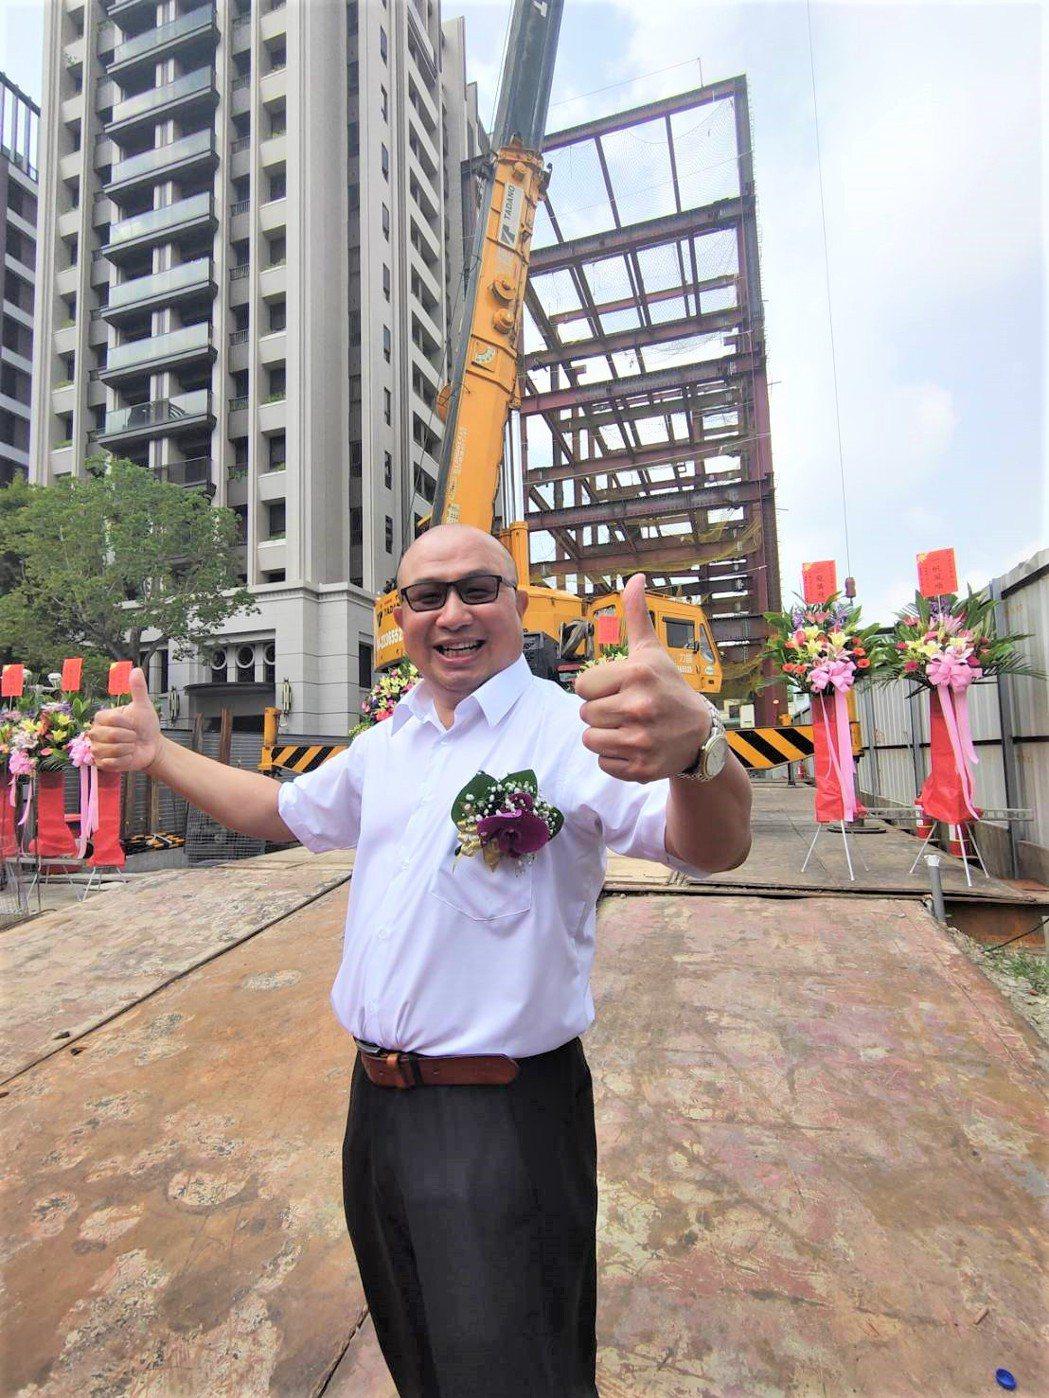 「TEA TOP第一味」董事長楊國珍說,他在台中市有80家分店,受惠台中的滋養,...